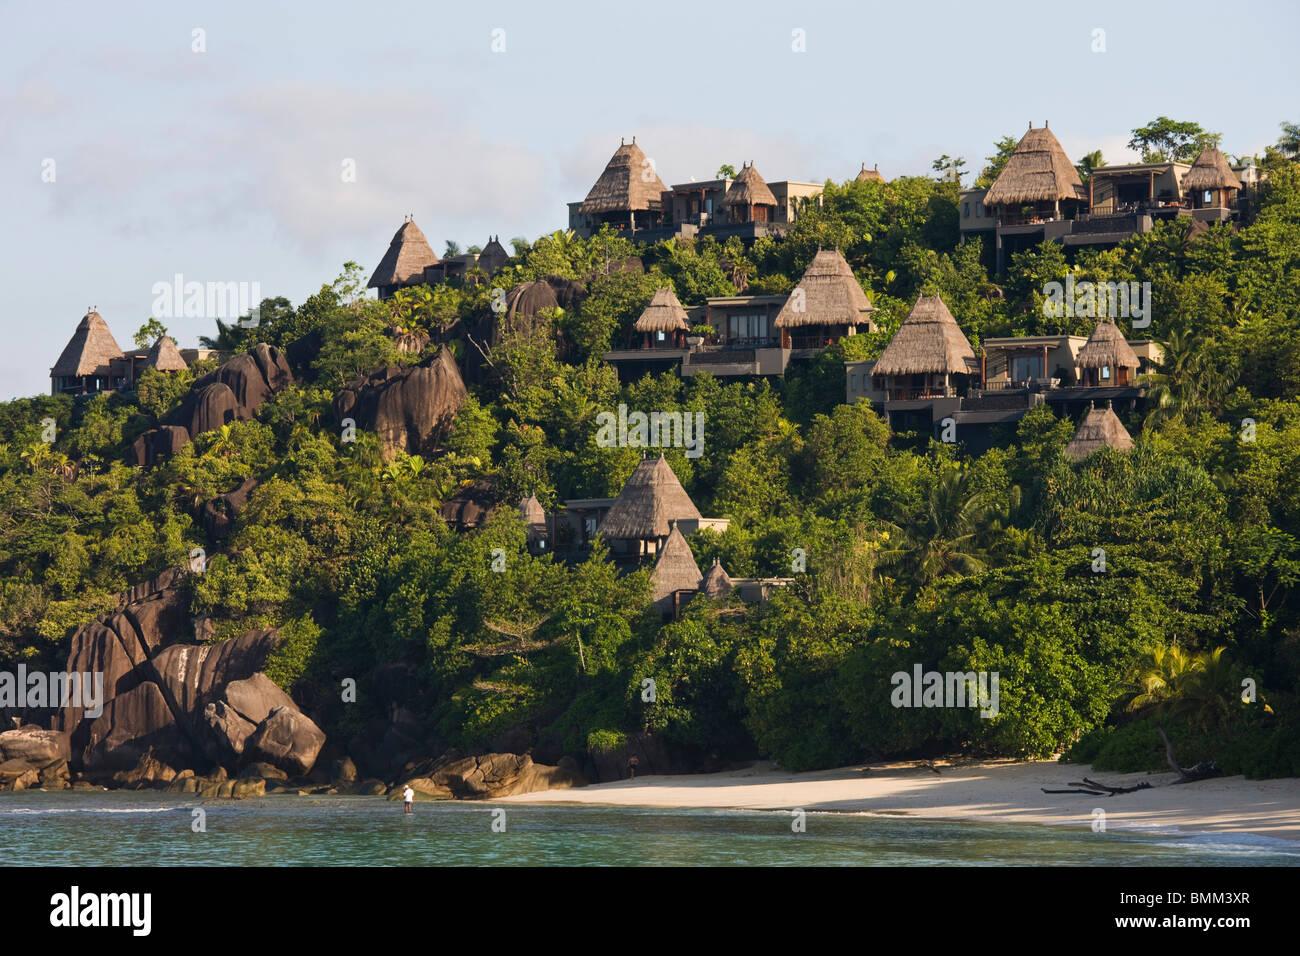 Seychelles Mahe Island Anse Boileau Bungalows Of The Maia